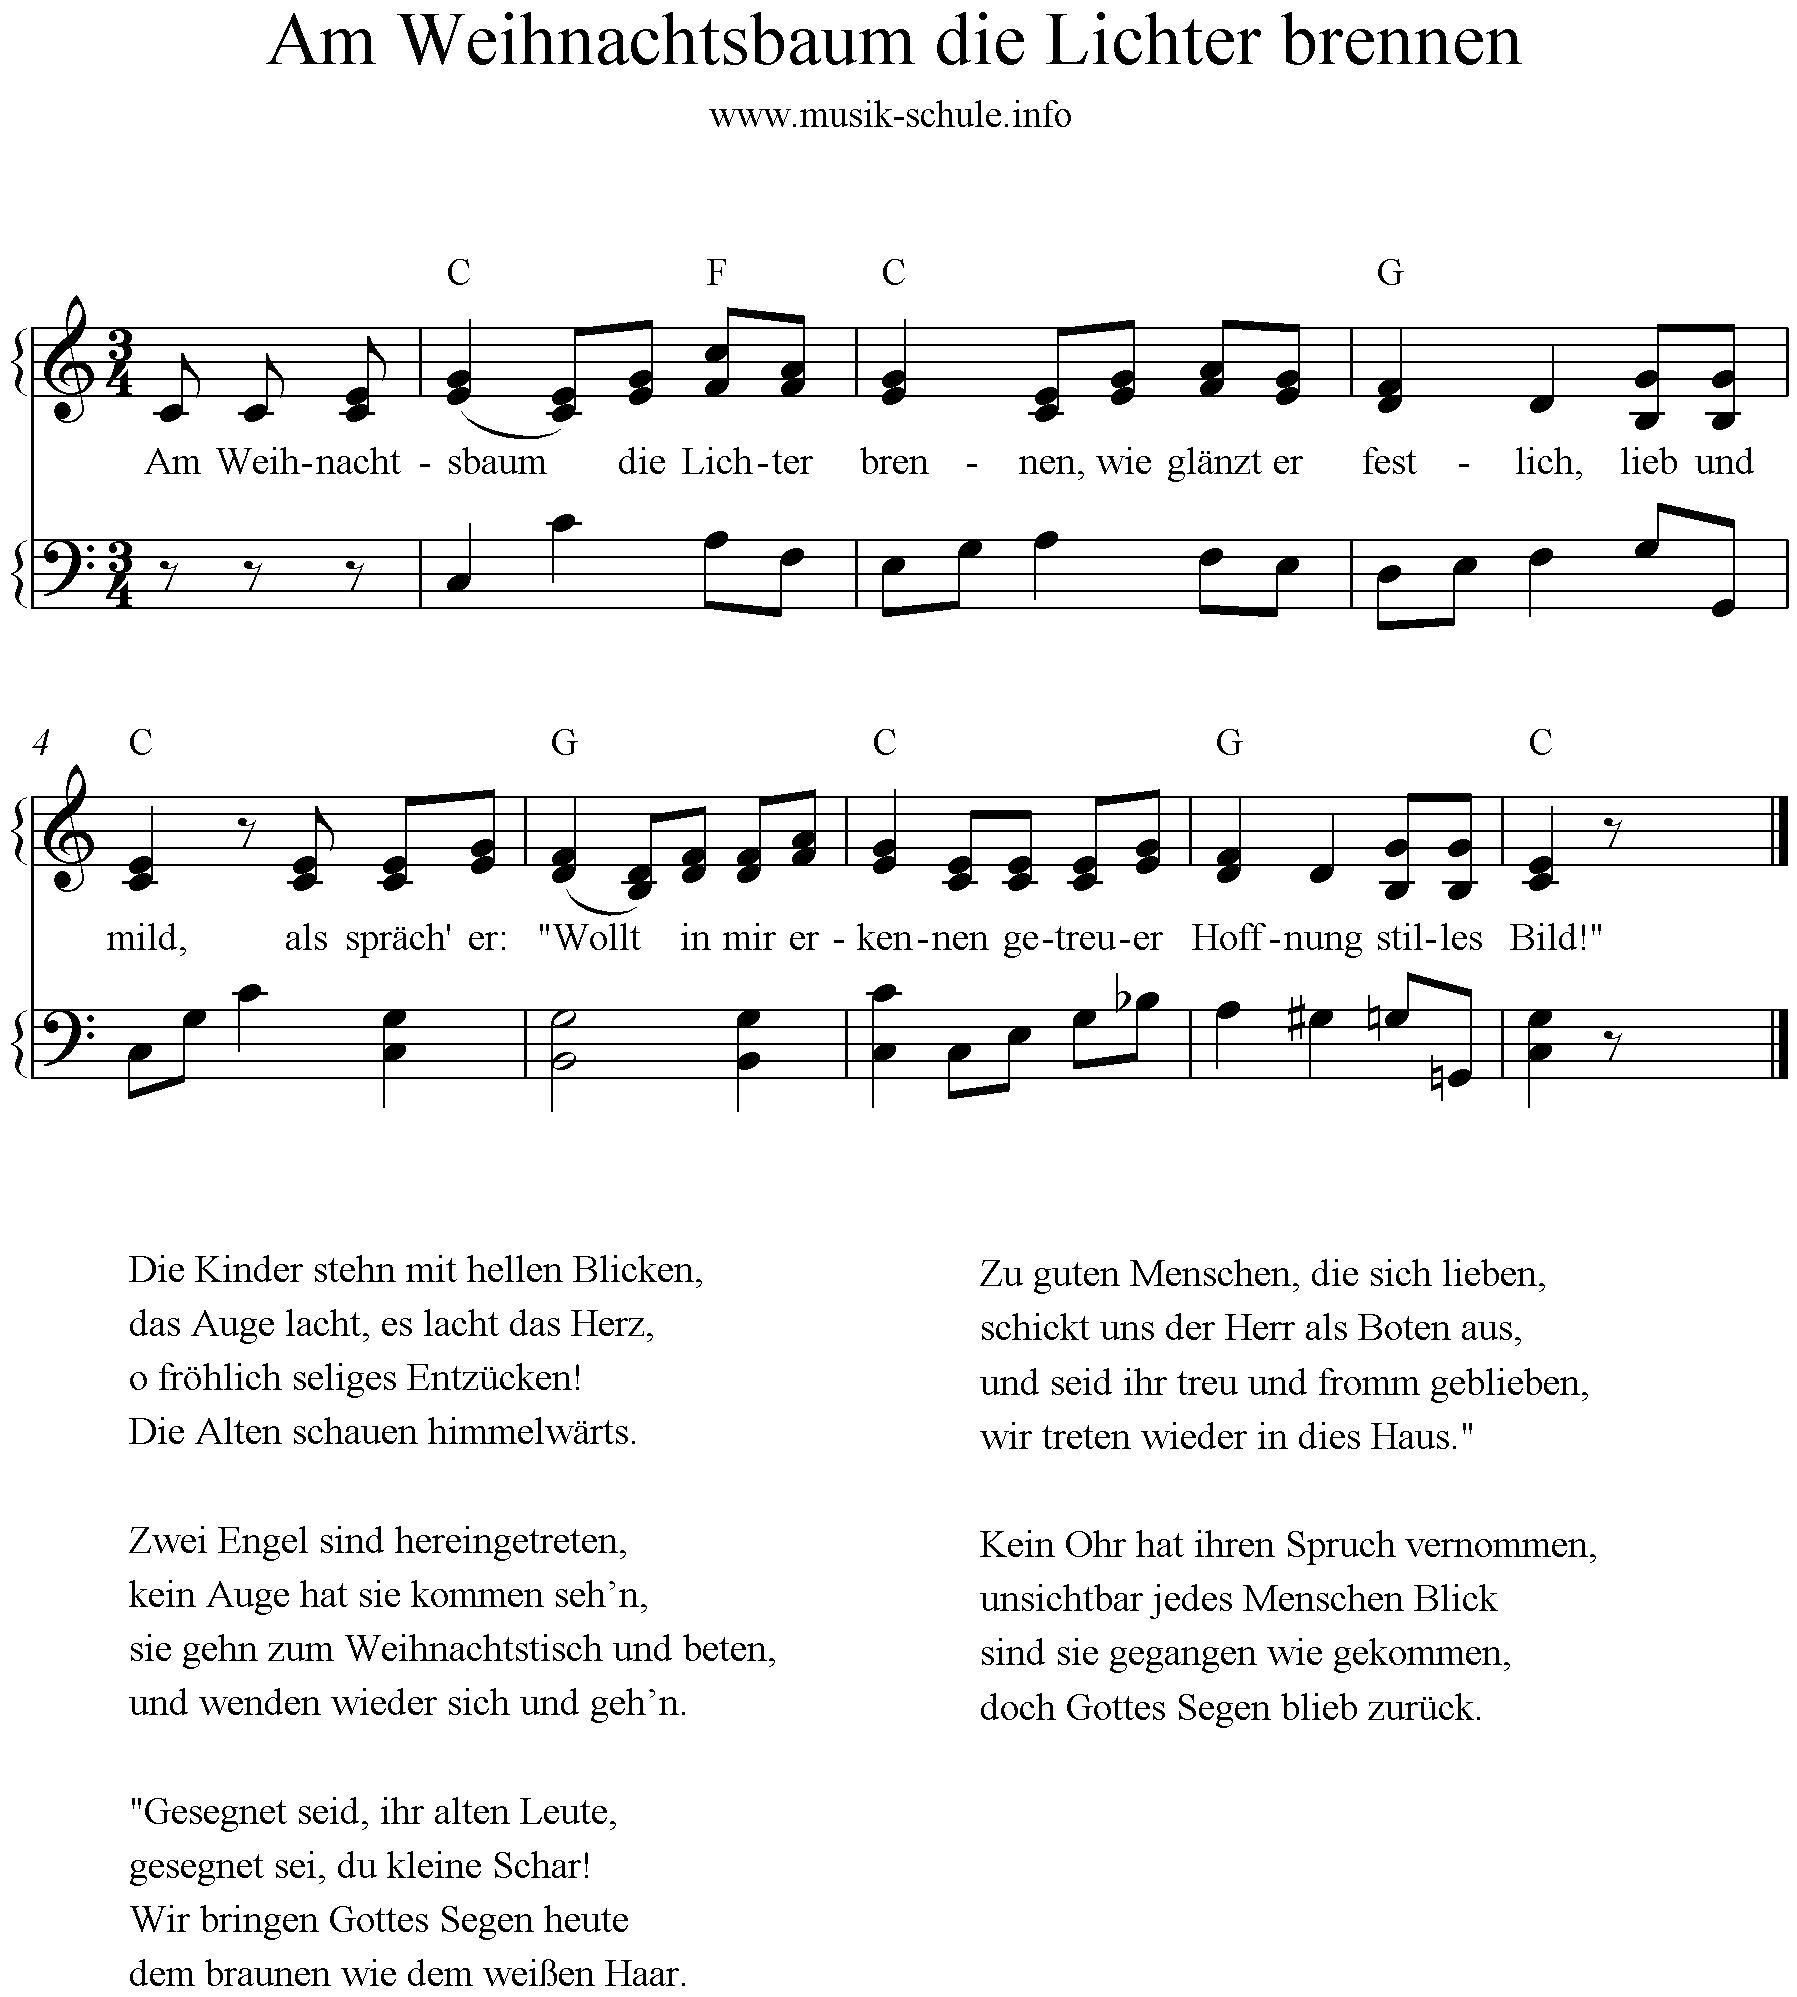 Gedicht am weihnachtsbaum die lichter brennen